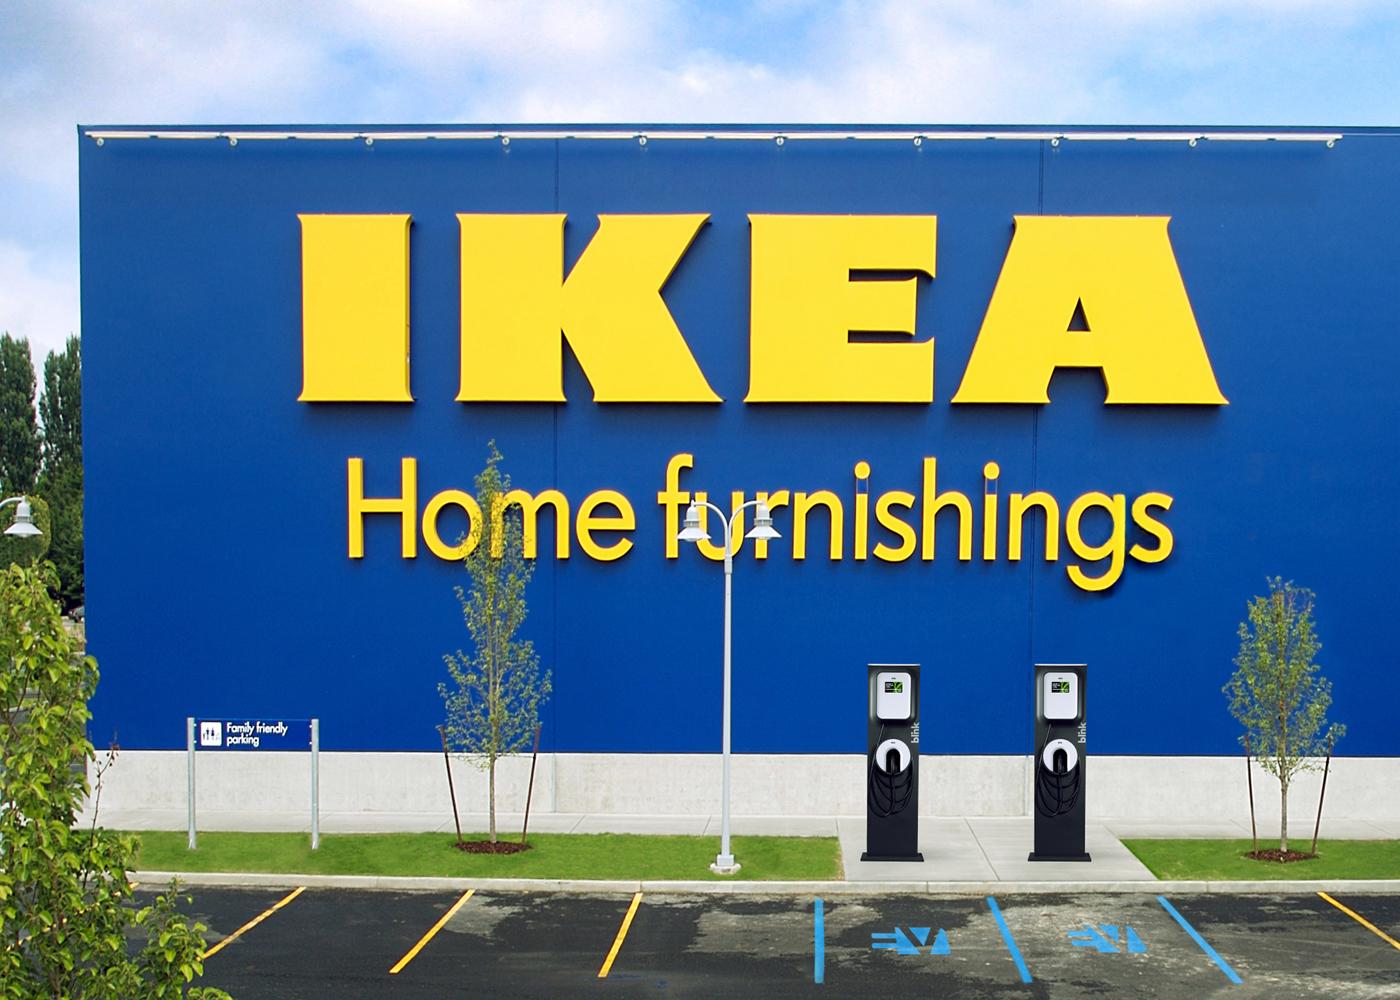 Većina fotografija u katalozima IKEA-e je lažno